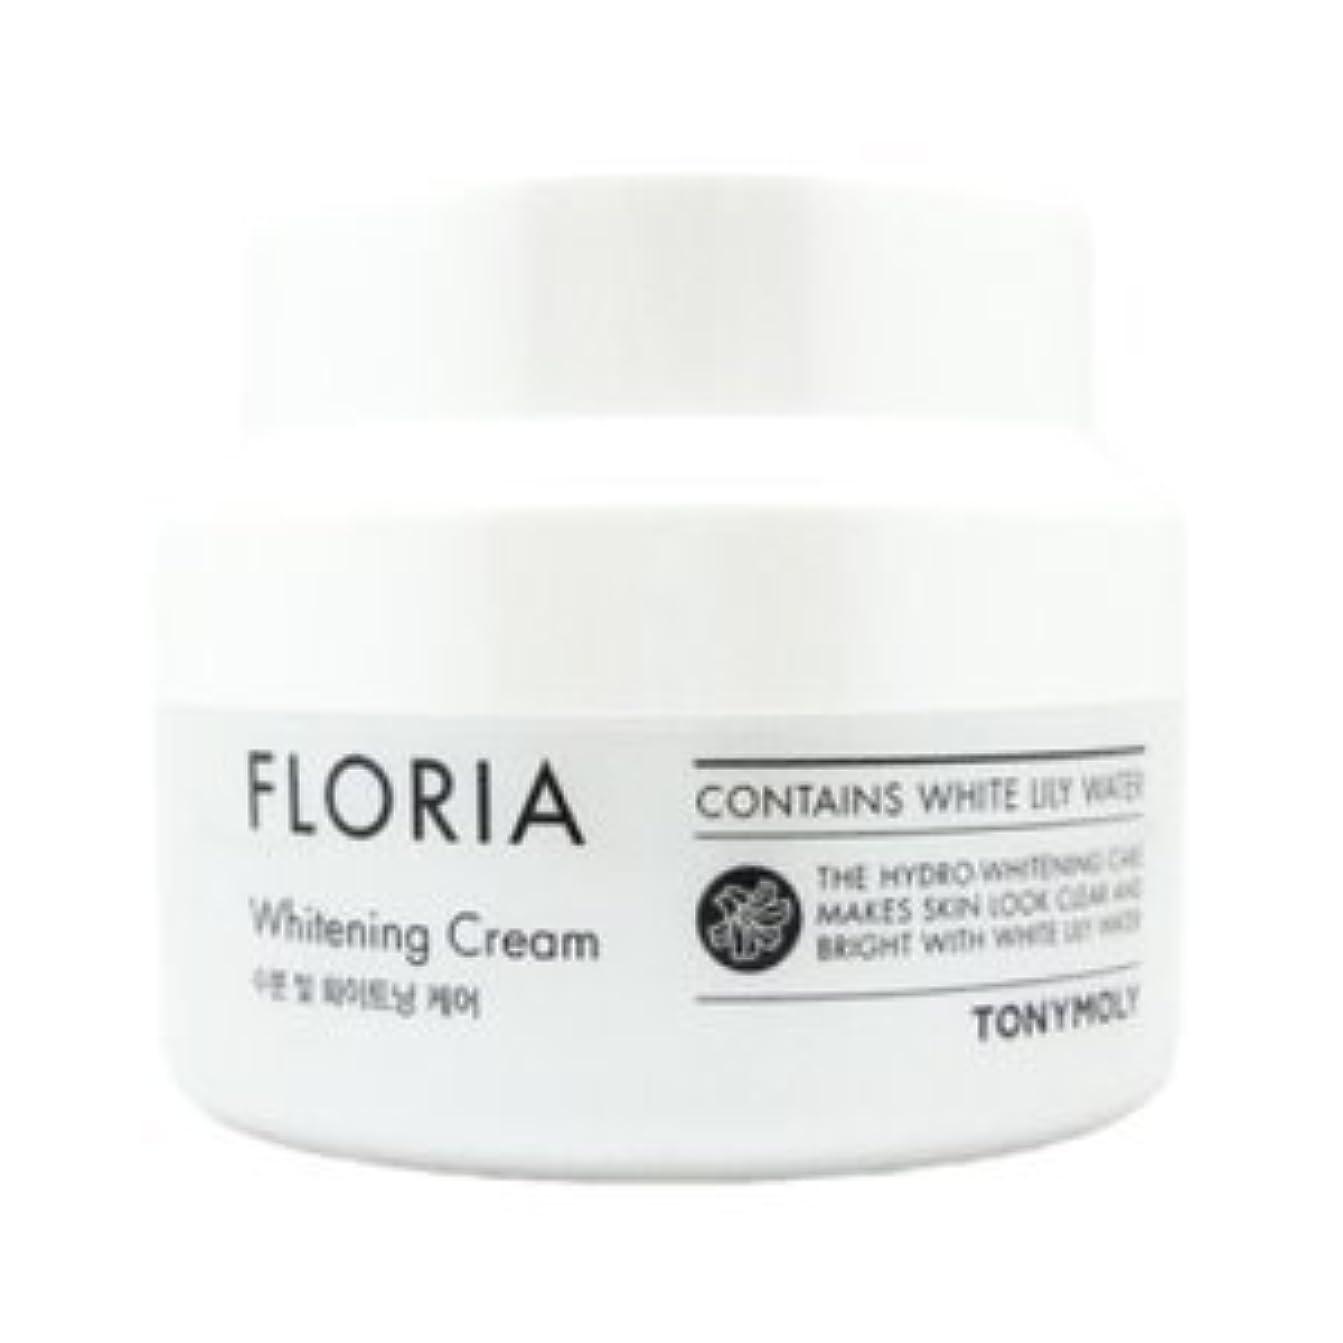 狂乱表面的なまだらTONYMOLY Floria Whitening Cream 60ml/トニーモリー フロリア ホワイトニング クリーム 60ml [並行輸入品]